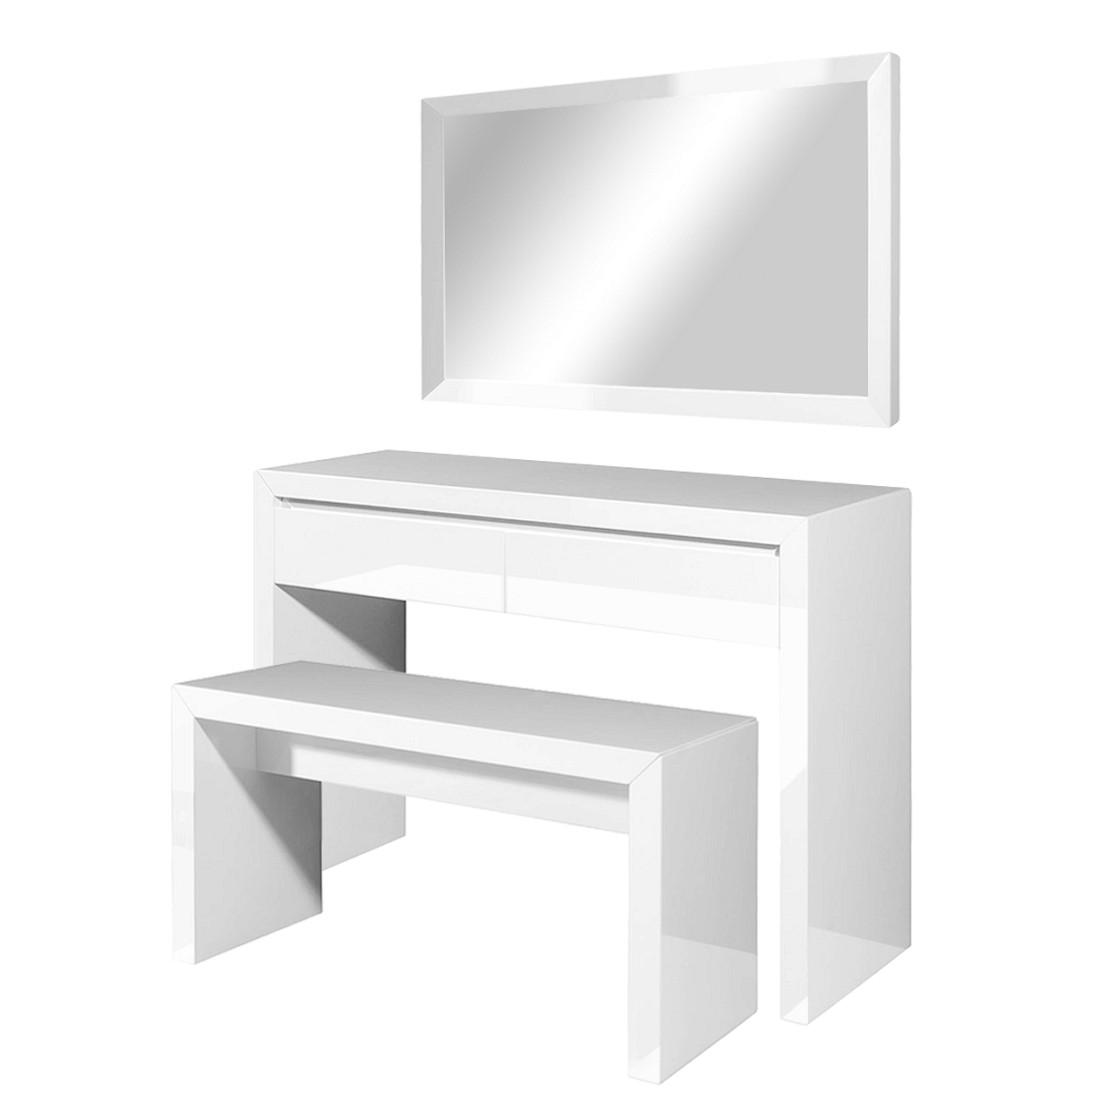 schminktisch 2 preisvergleiche erfahrungsberichte und. Black Bedroom Furniture Sets. Home Design Ideas